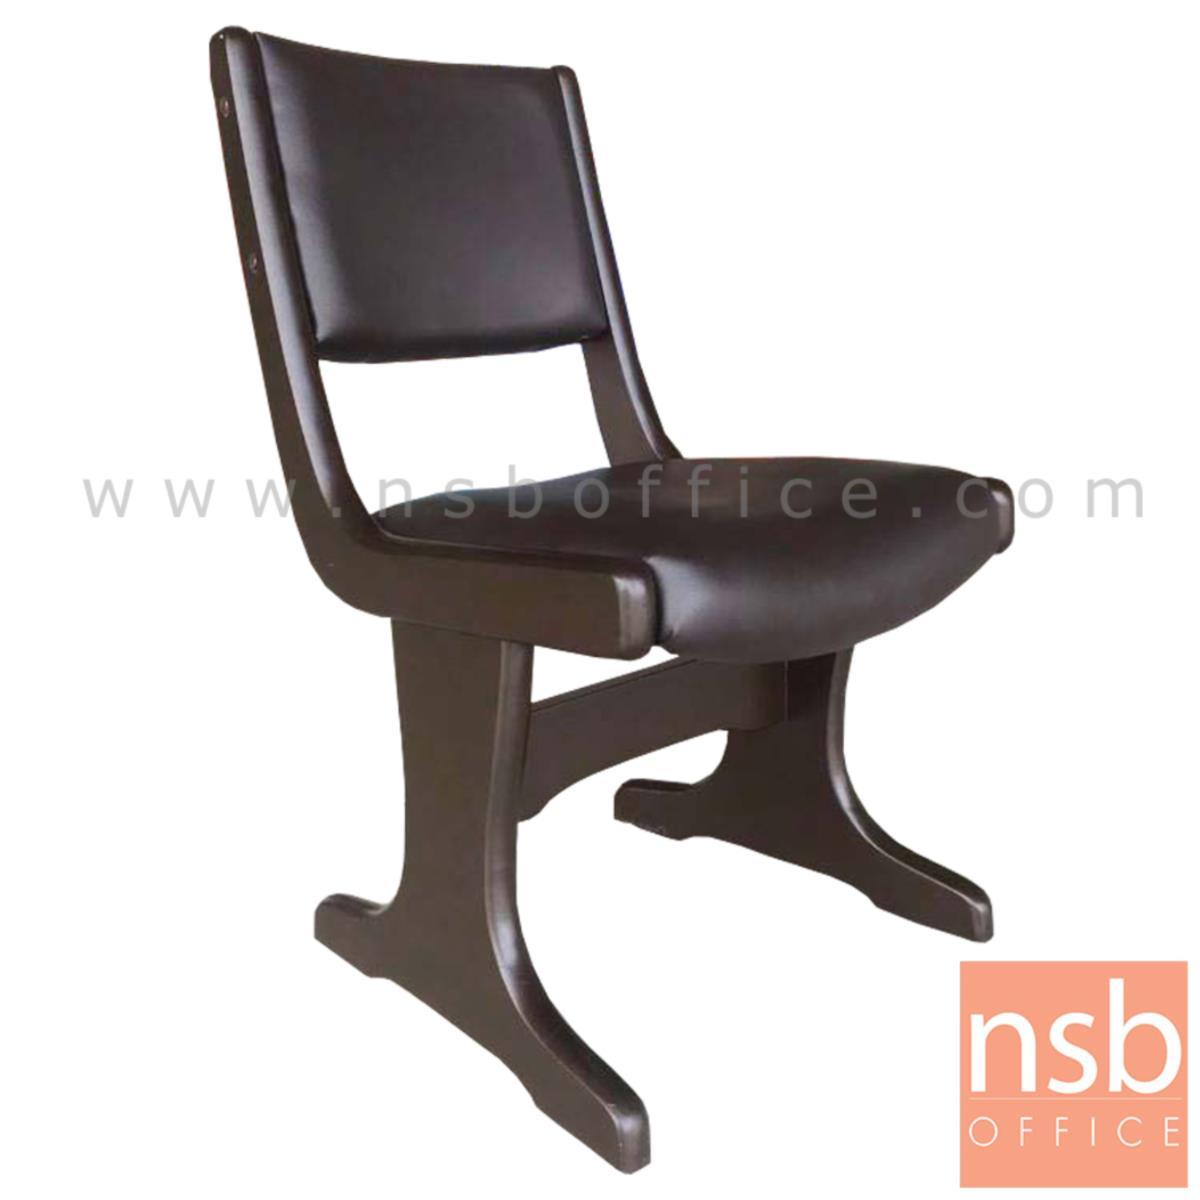 G14A067:เก้าอี้ไม้ยางพาราที่นั่งหุ้มหนังเทียม  42W cm. ขาไม้ตัวที